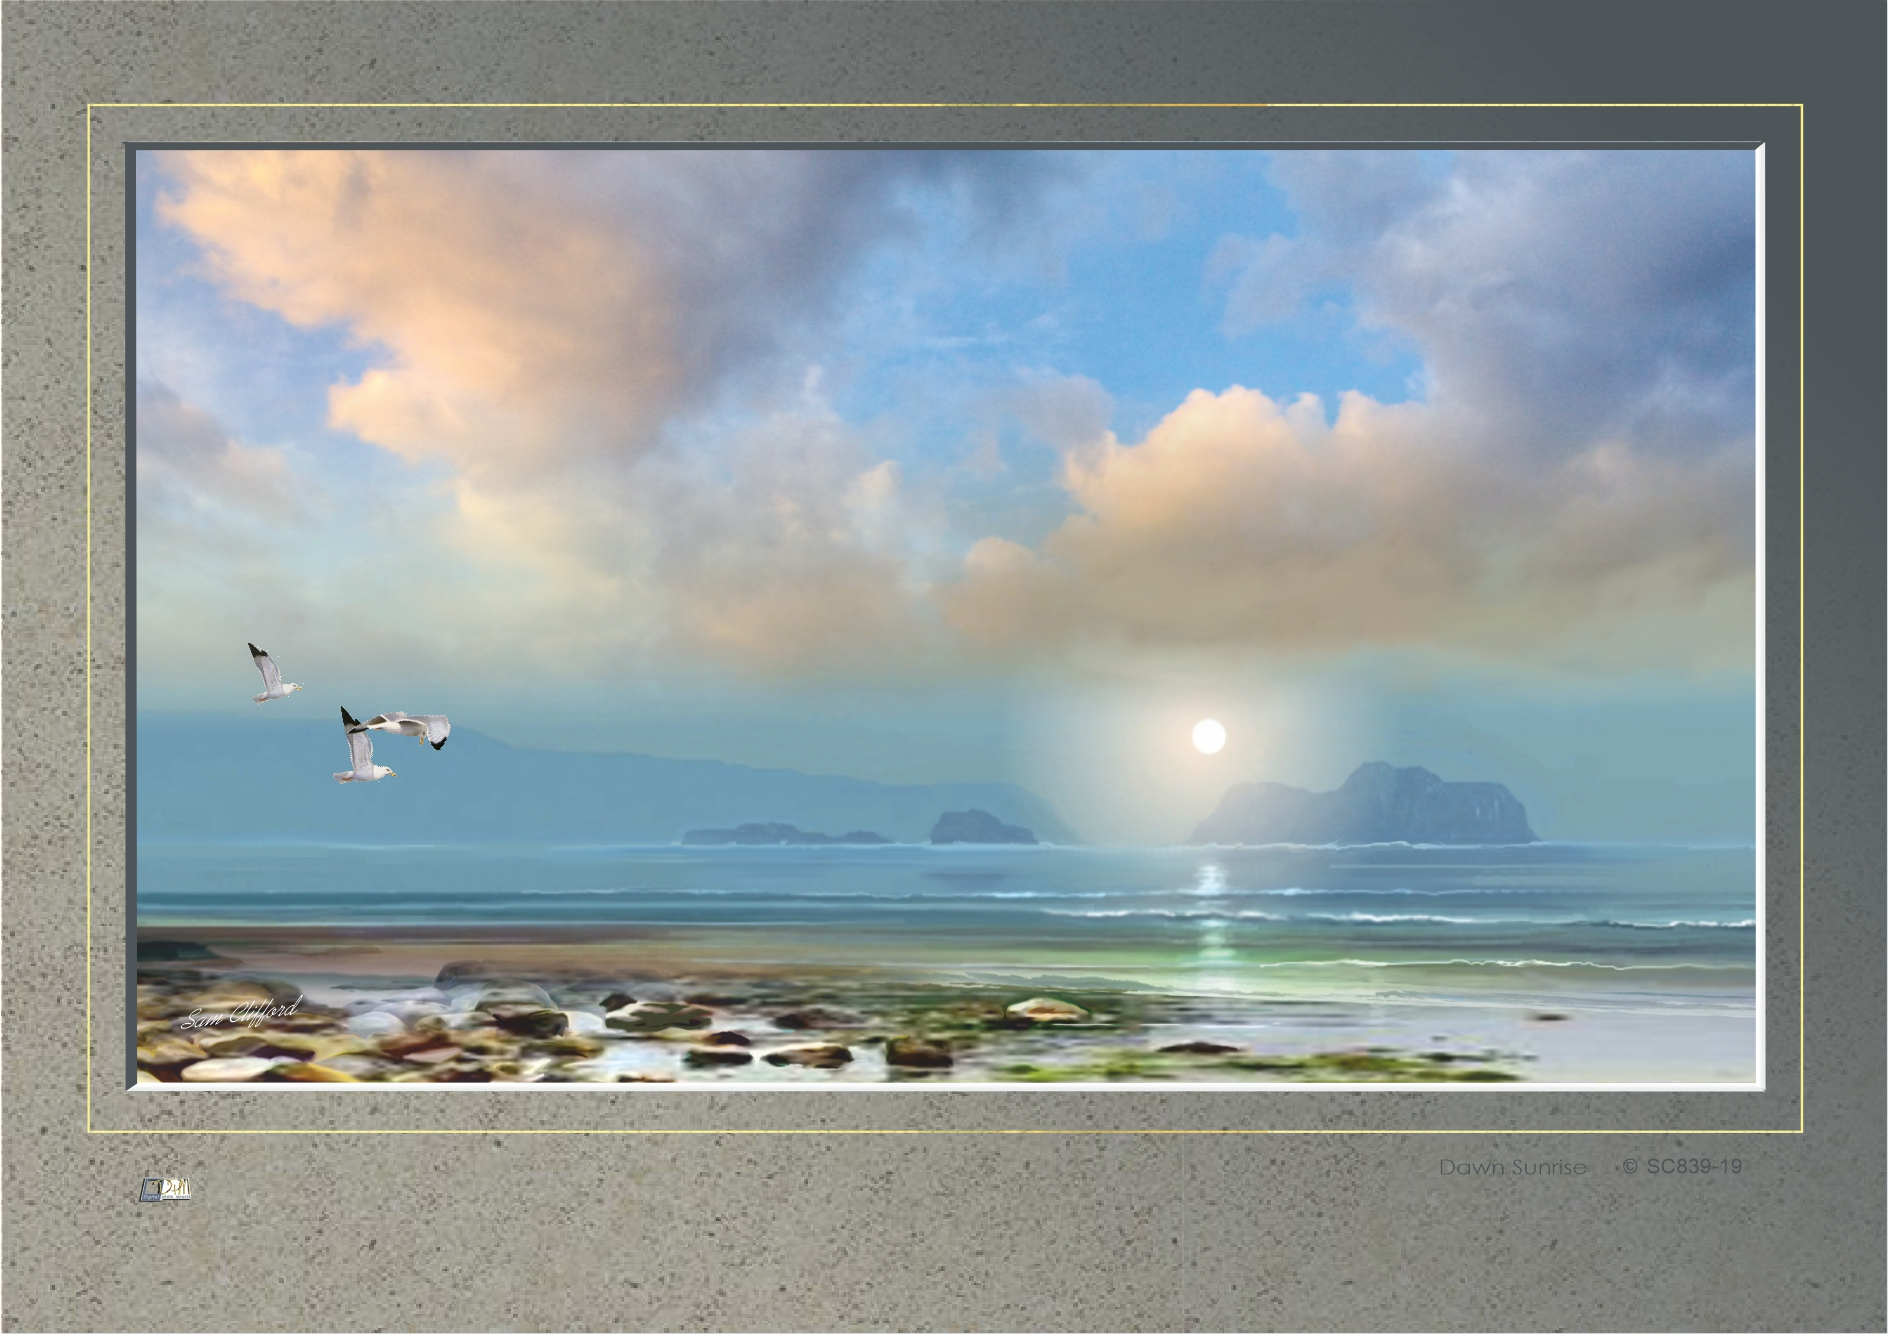 Dawn Sunrise code: SC839-19